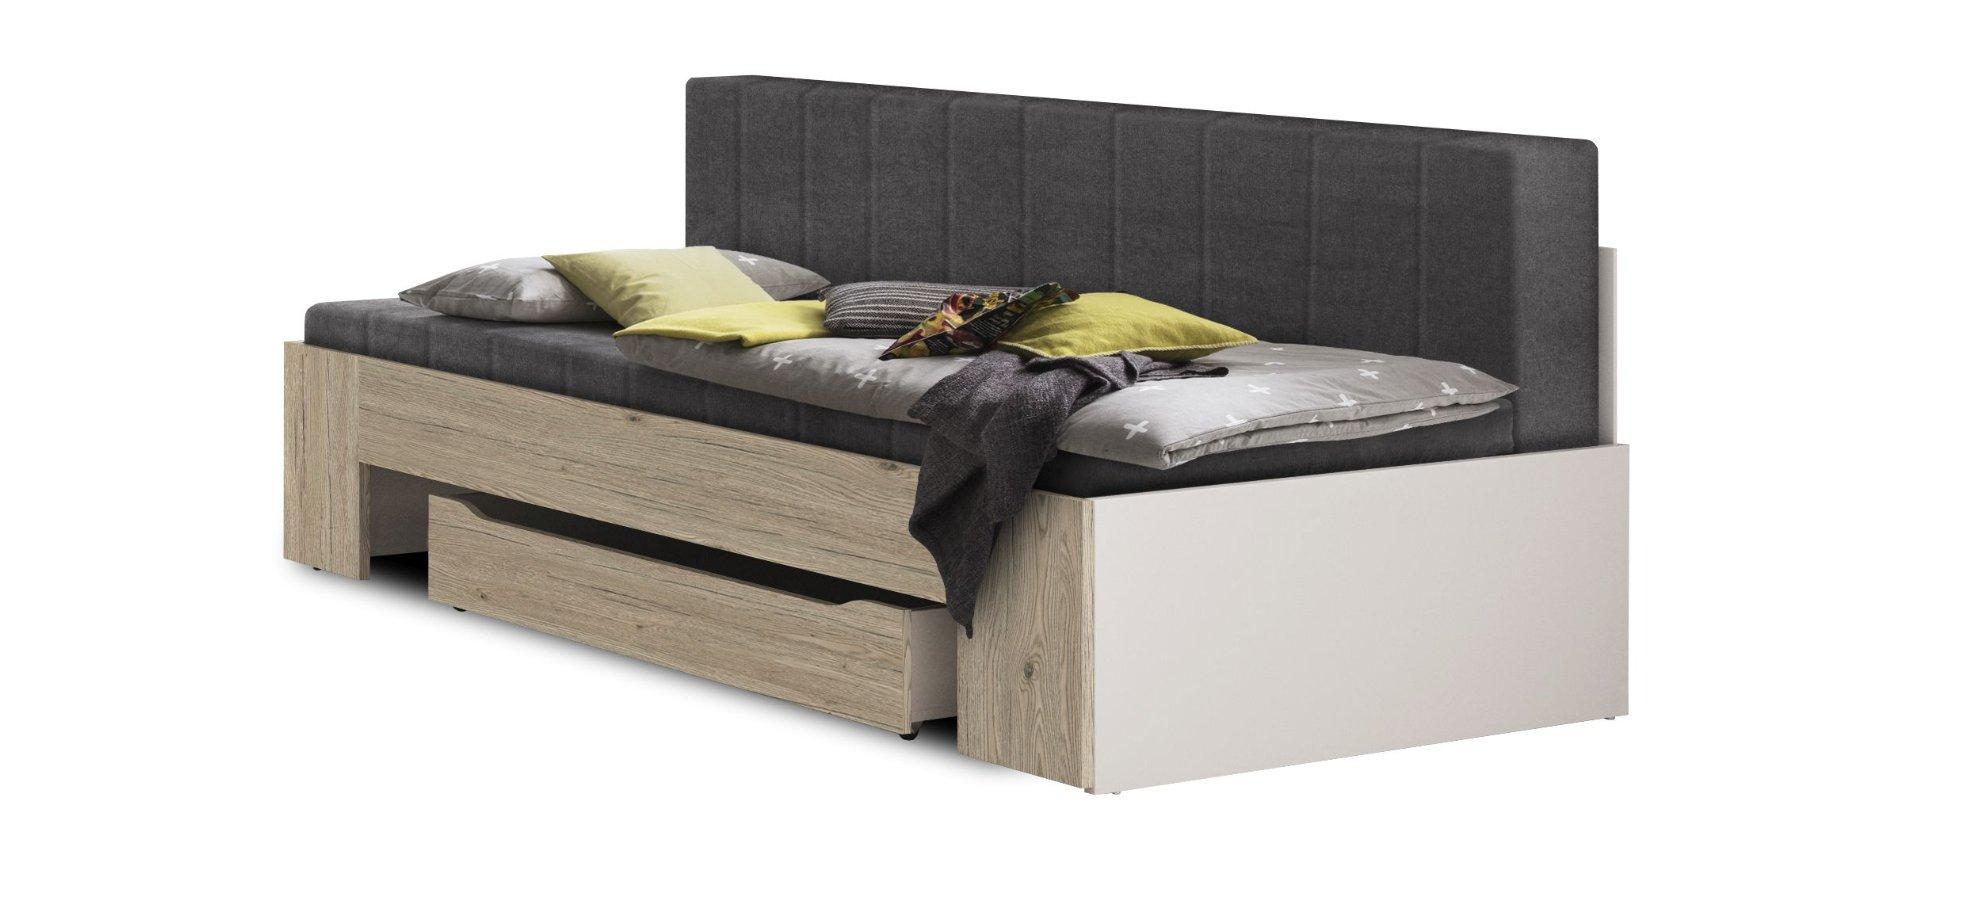 Full Size of Bett Ausziehbar Gleiche Ebene Ikea Lifetime Mit Lattenrost 120 Wei 100x200 Rutsche 160x200 Ohne Füße Runder Esstisch Weiß Topper Stapelbar Bette Starlet Wohnzimmer Bett Ausziehbar Gleiche Ebene